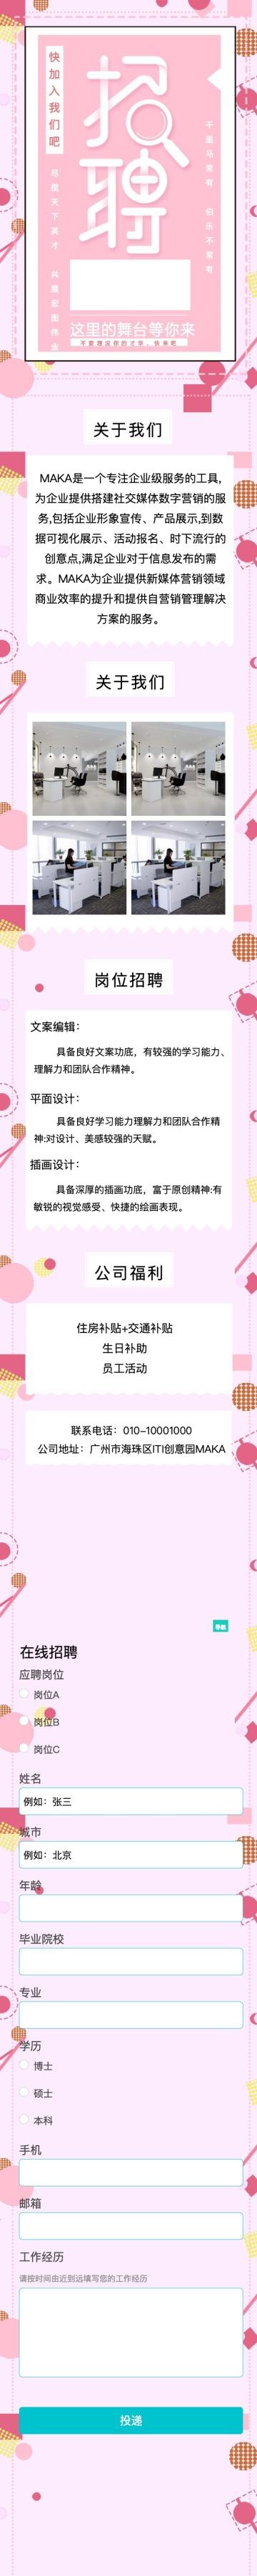 公司企业个人粉色扁平简约招聘人才精英宣传活动单页